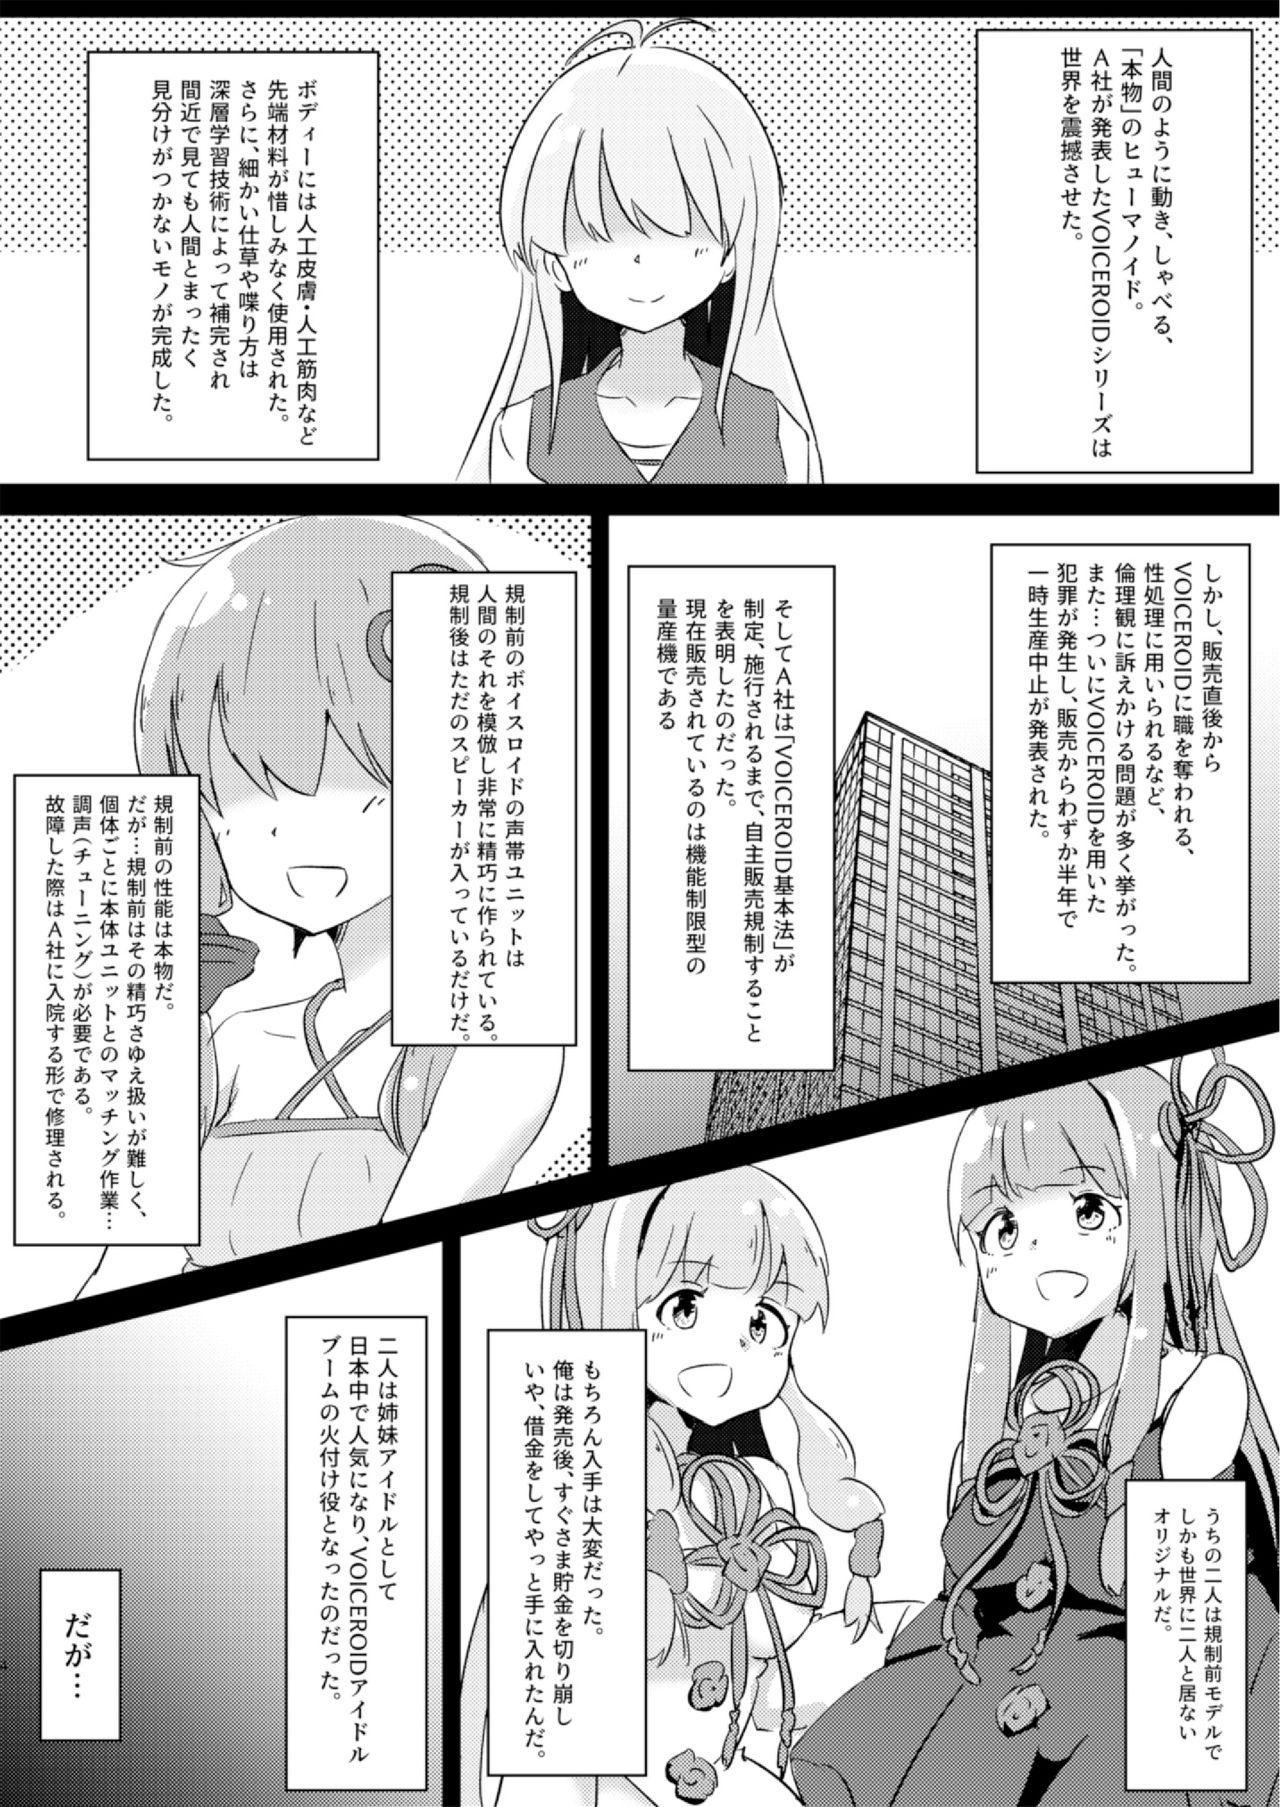 Kyou kara Ore ga Akane-chan!? 3